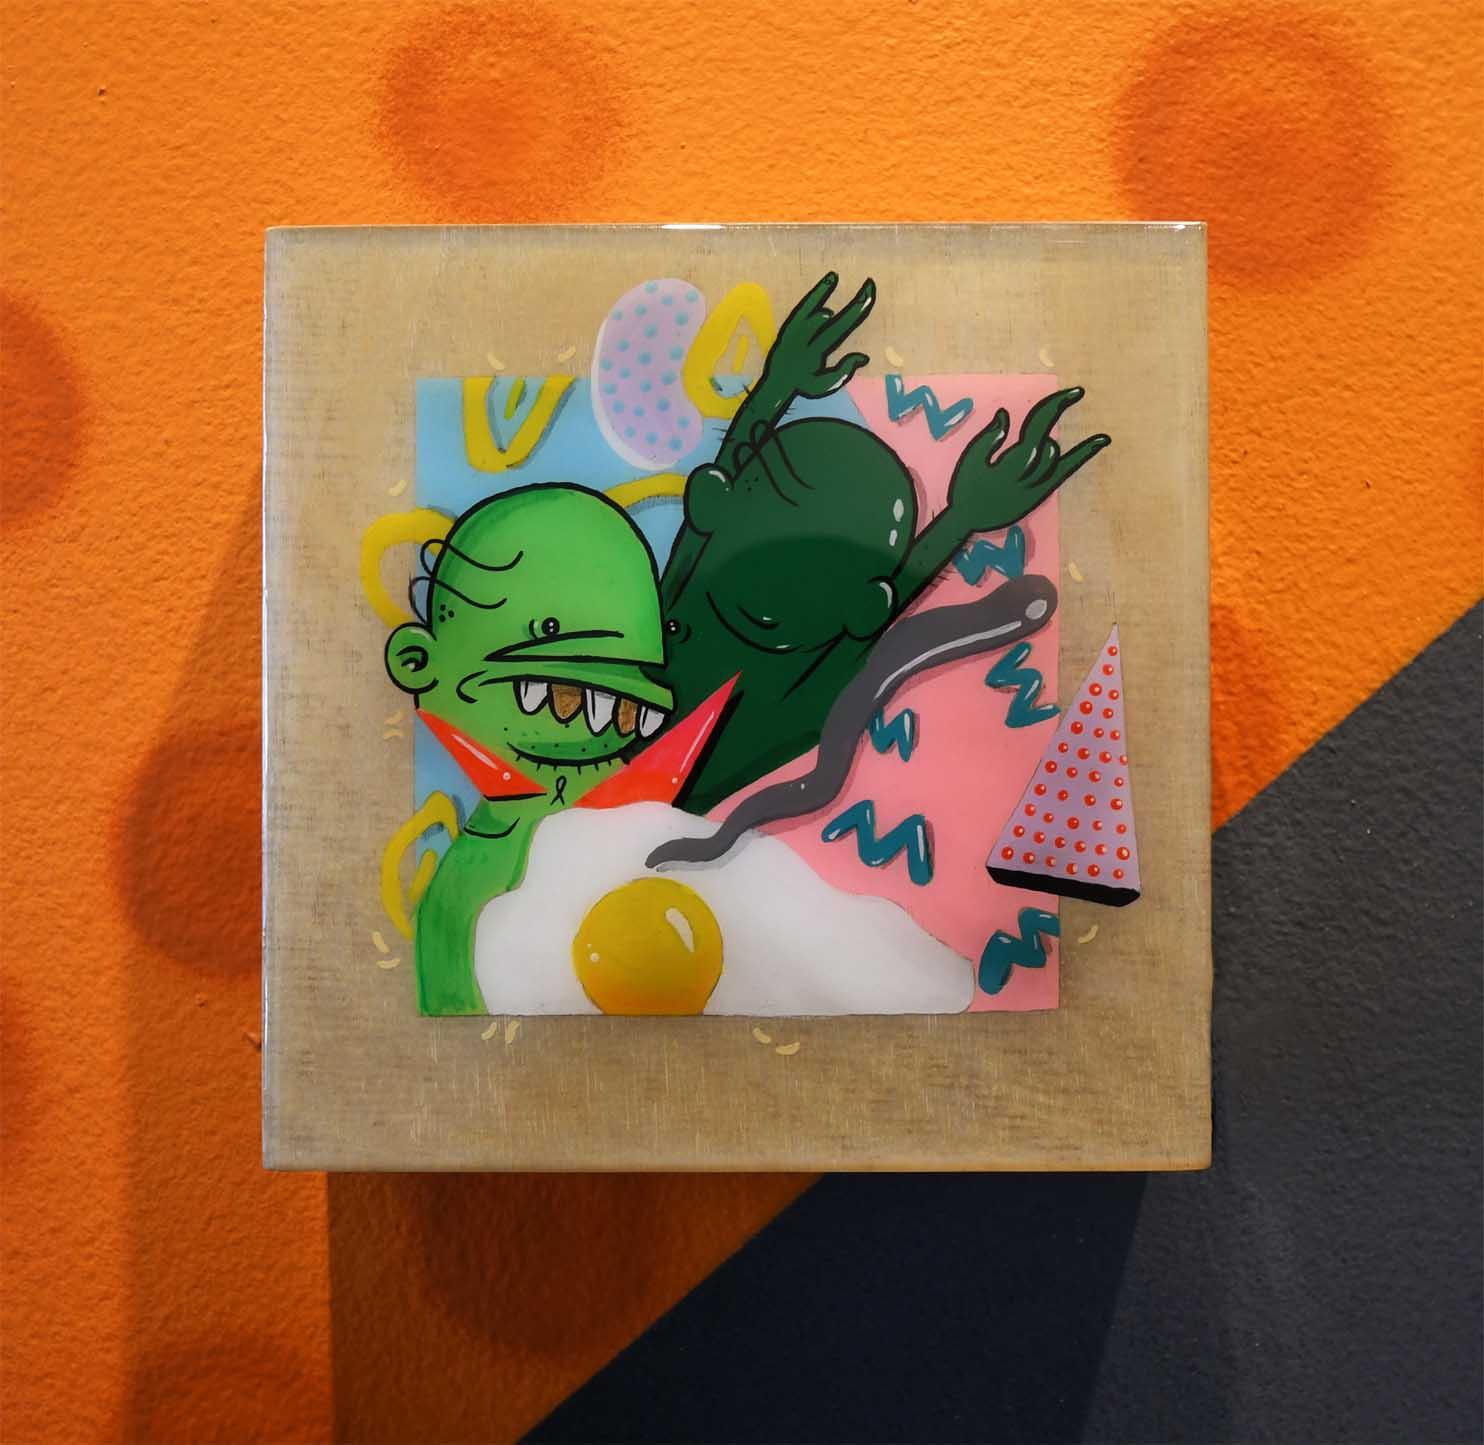 ewkuks artsy goopmassta G9 yolks on you web.jpg